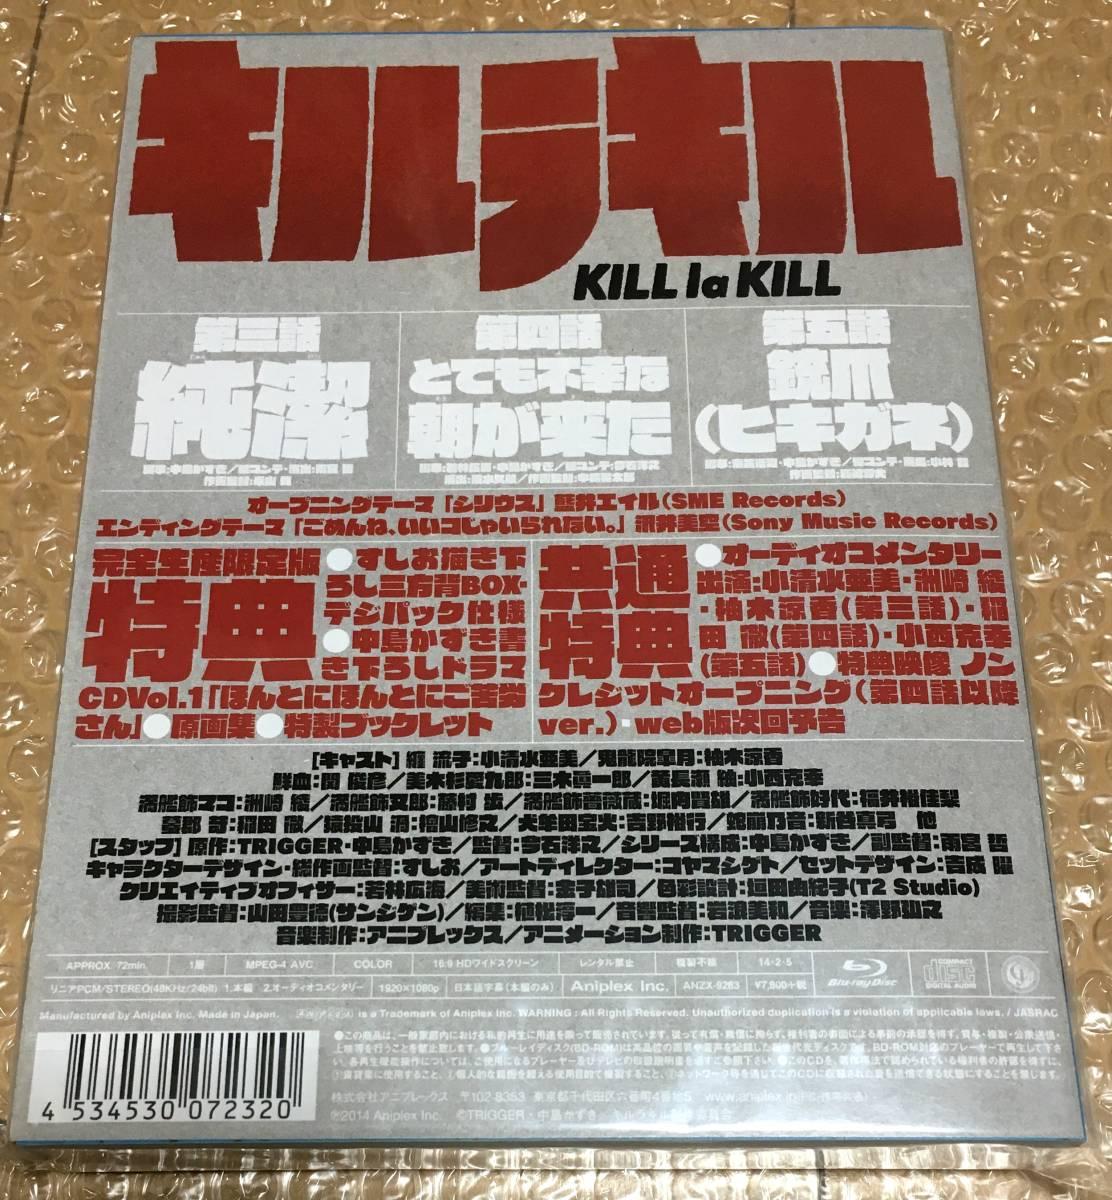 【新品・未開封・美品】Kill la Kill キルラキル 第2巻 BD 【新品未開封】【ブルーレイディスク】